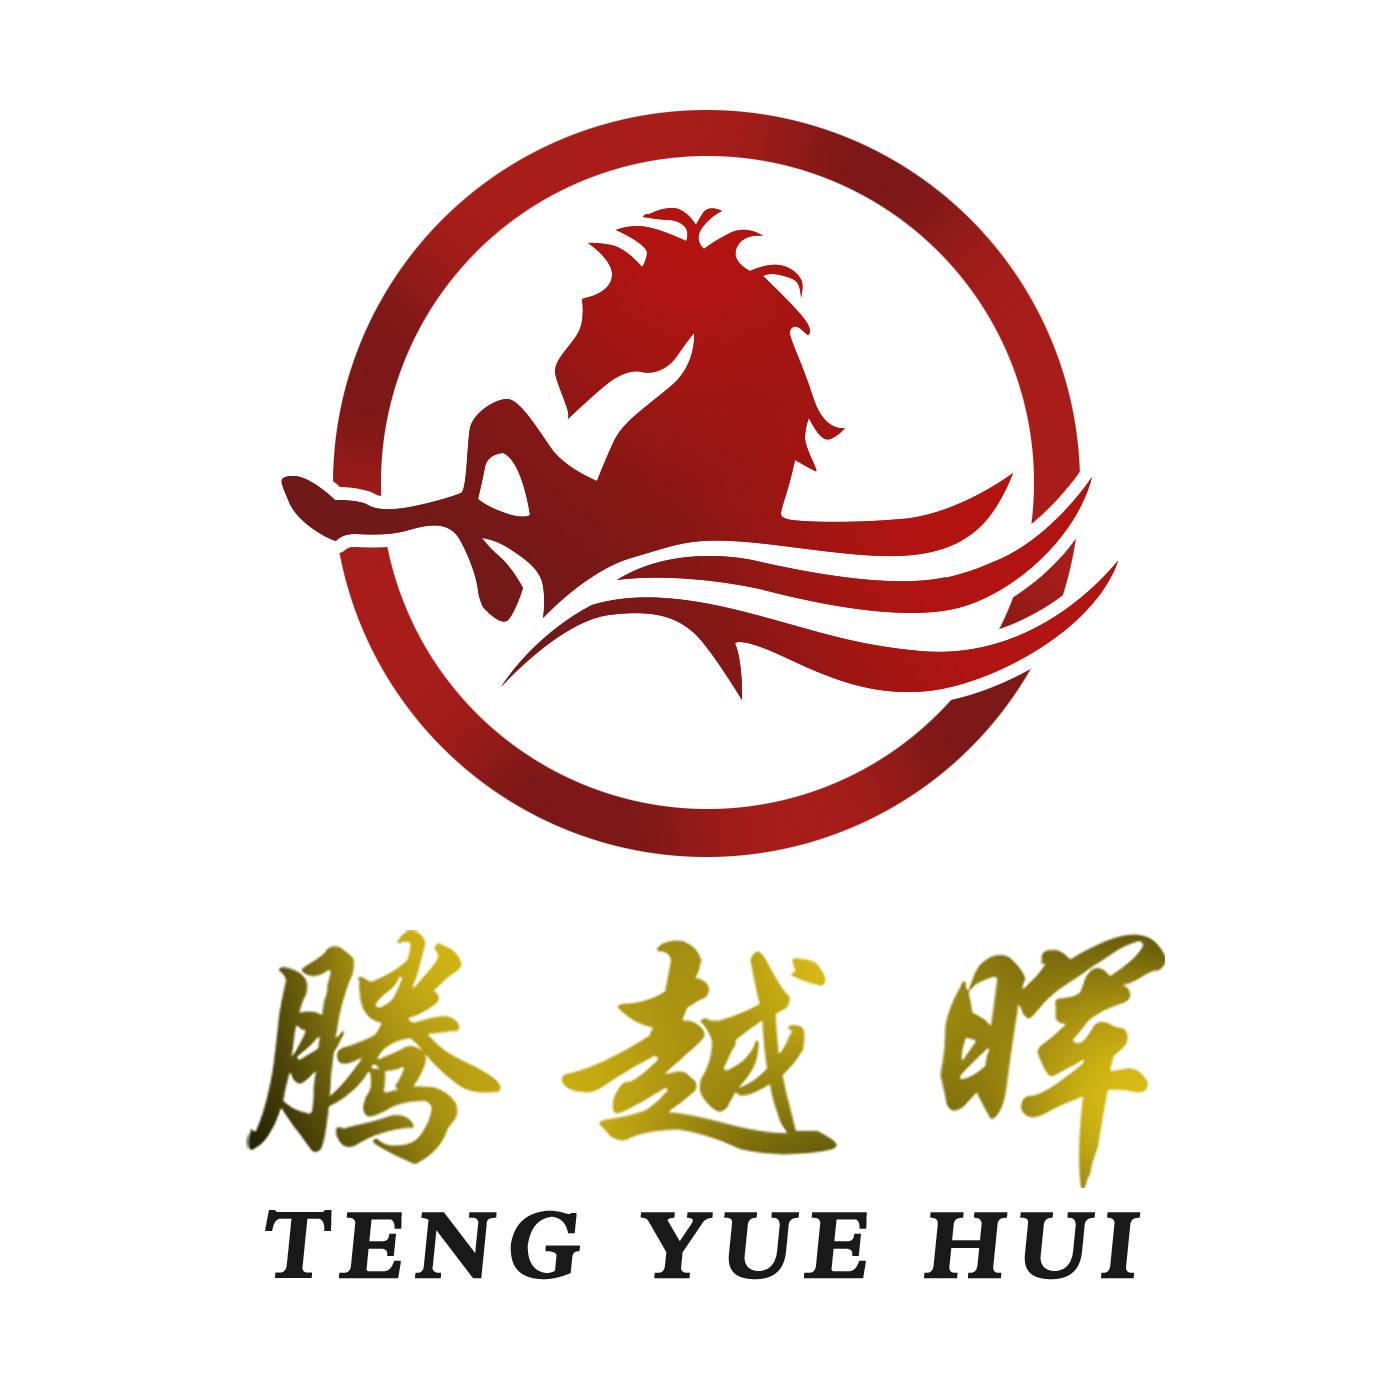 深圳腾越辉实业有限公司将带您进行理性的物业投资